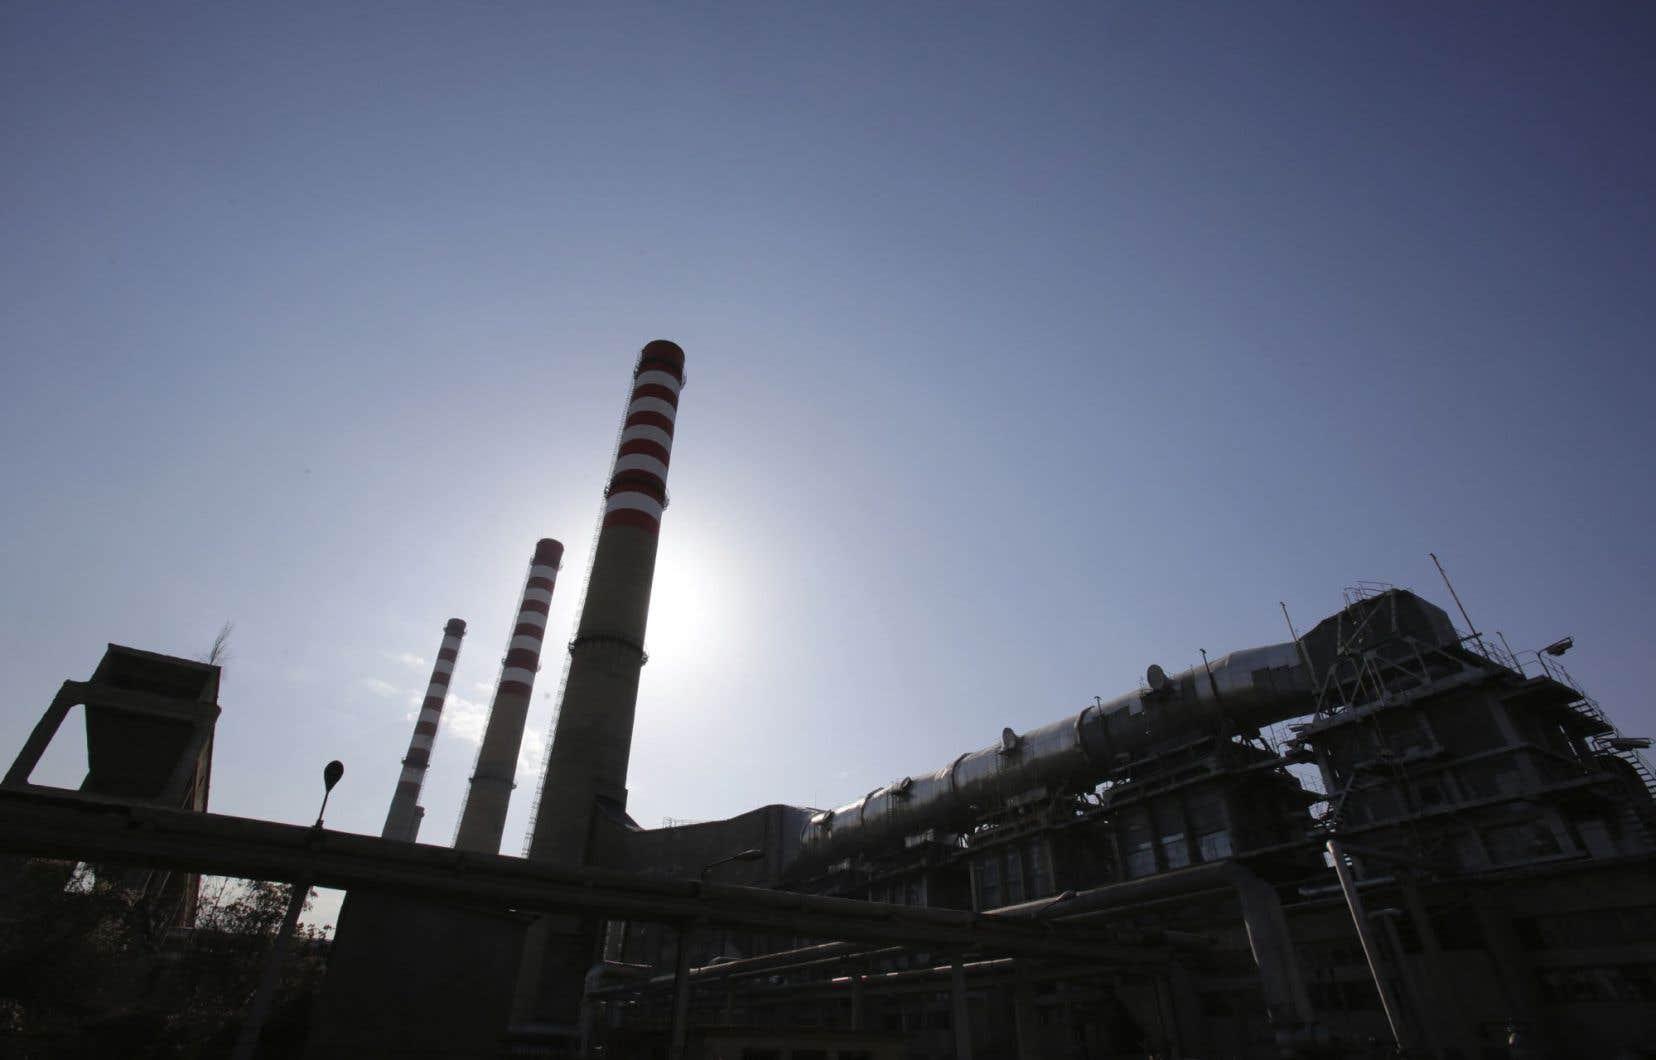 En raison du contrat signé avec TransCanada, environ 150 millions de dollars ont dû être versés par Hydro-Québec chaque année entre 2008 et 2014, uniquement pour garder la centrale fermée.